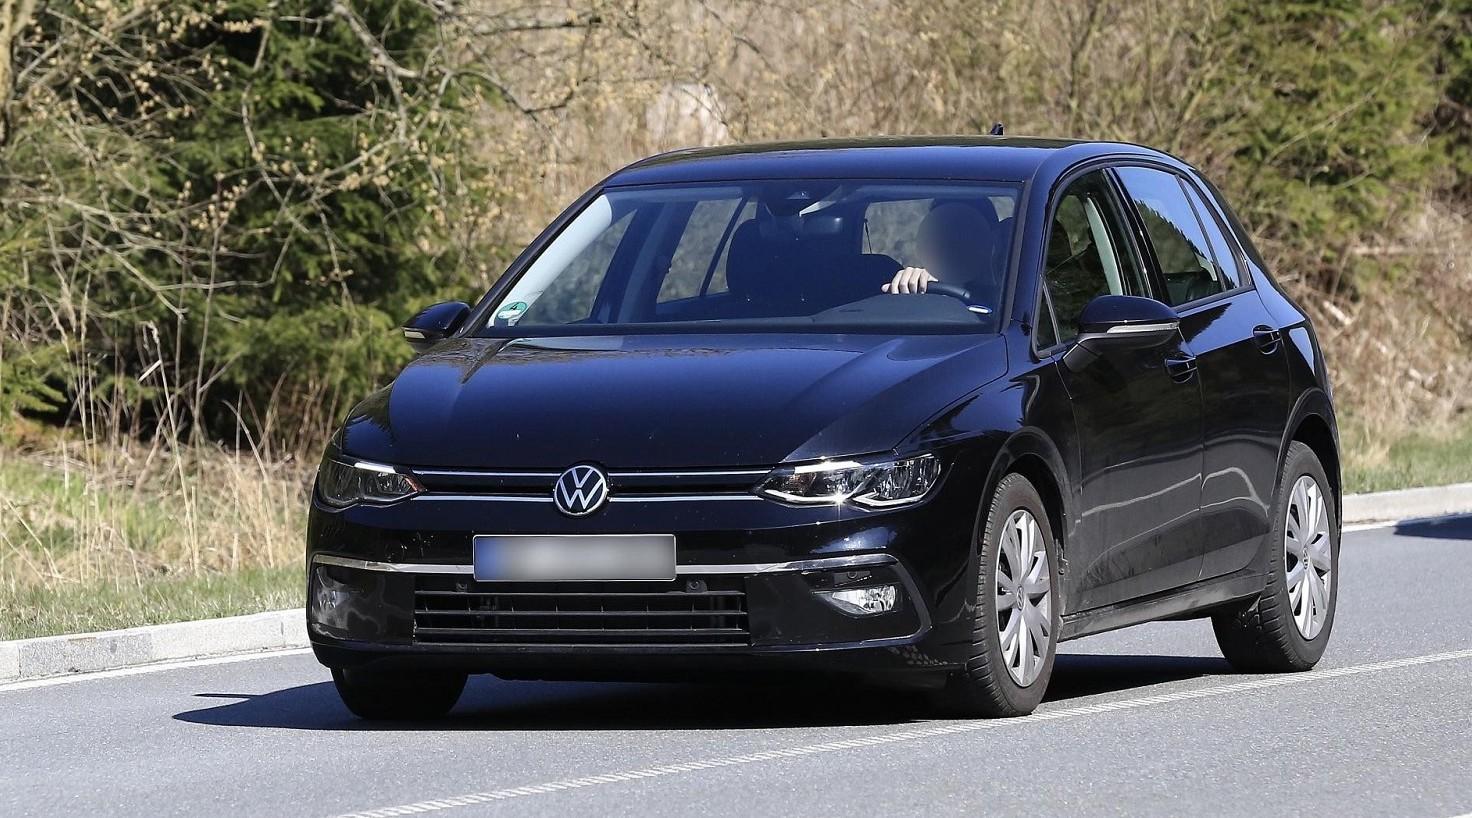 Nuova Volkswagen Golf 8, nuove foto e ca